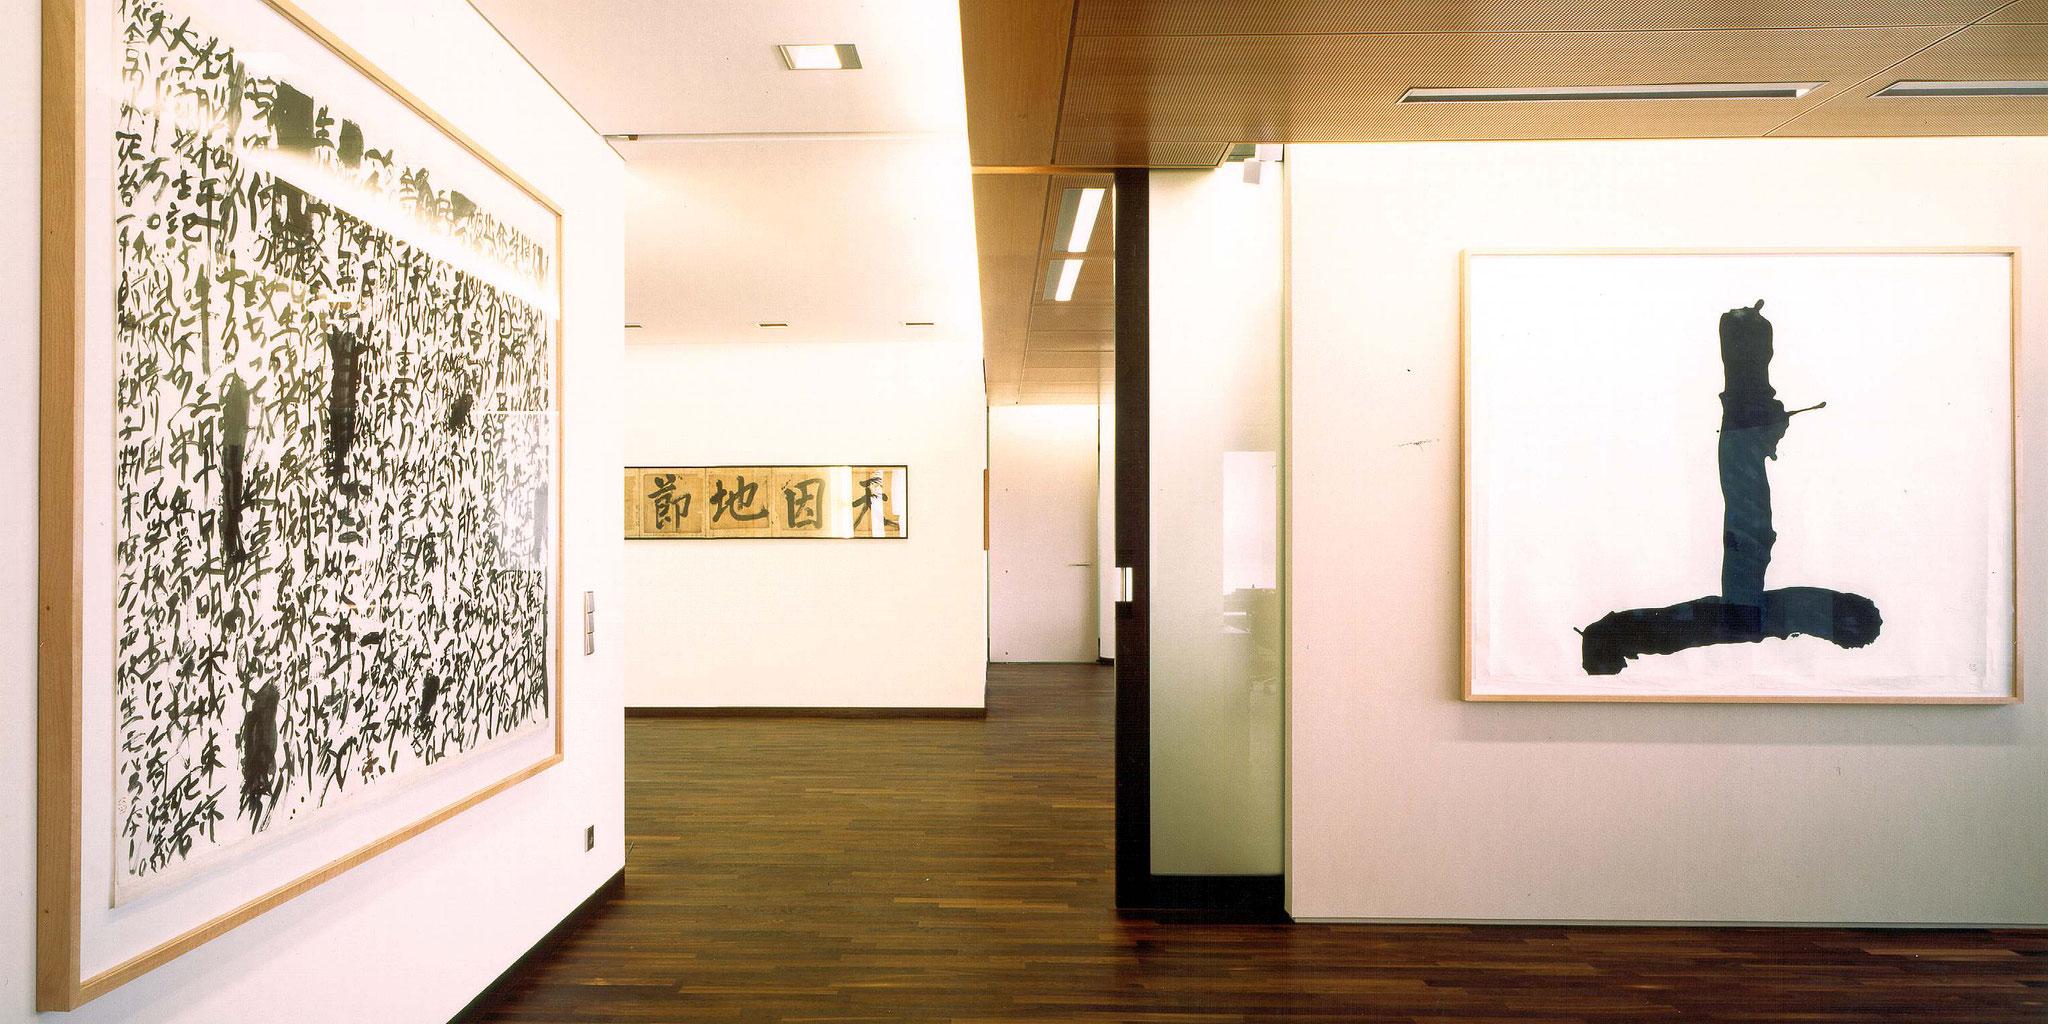 Architekten Frankfurt – Umbau und Neugestaltung Atelier Vasata in Düsseldorf, Architekturbüro Frick.Reichert Architekten